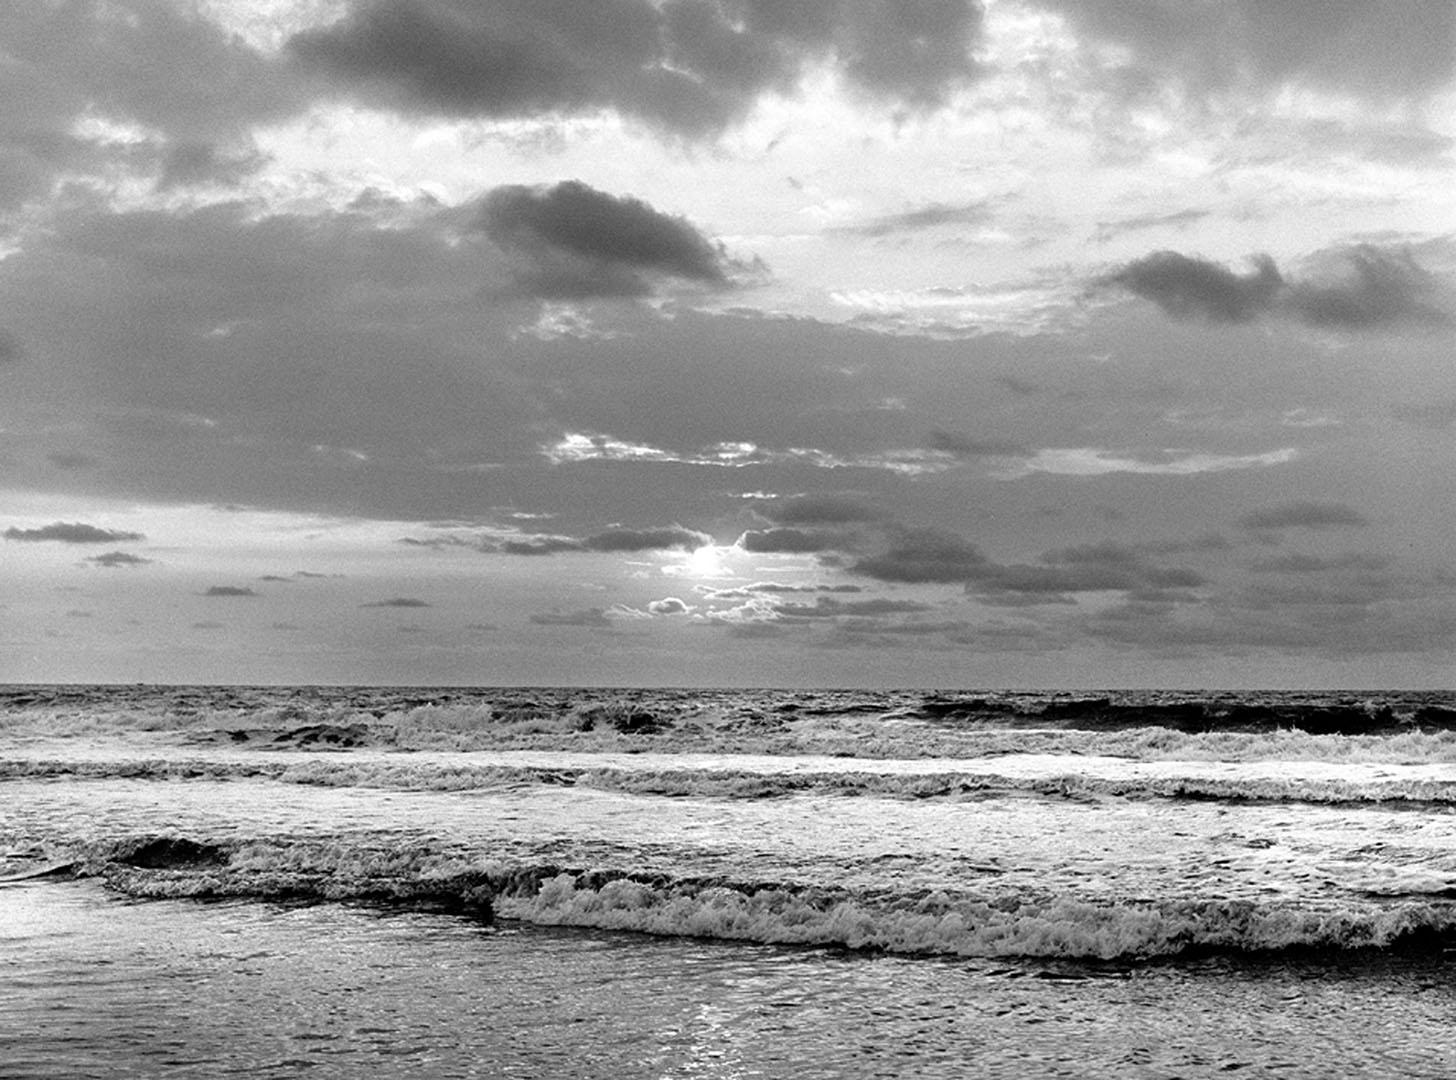 North_Sea_Water_103_L5.94